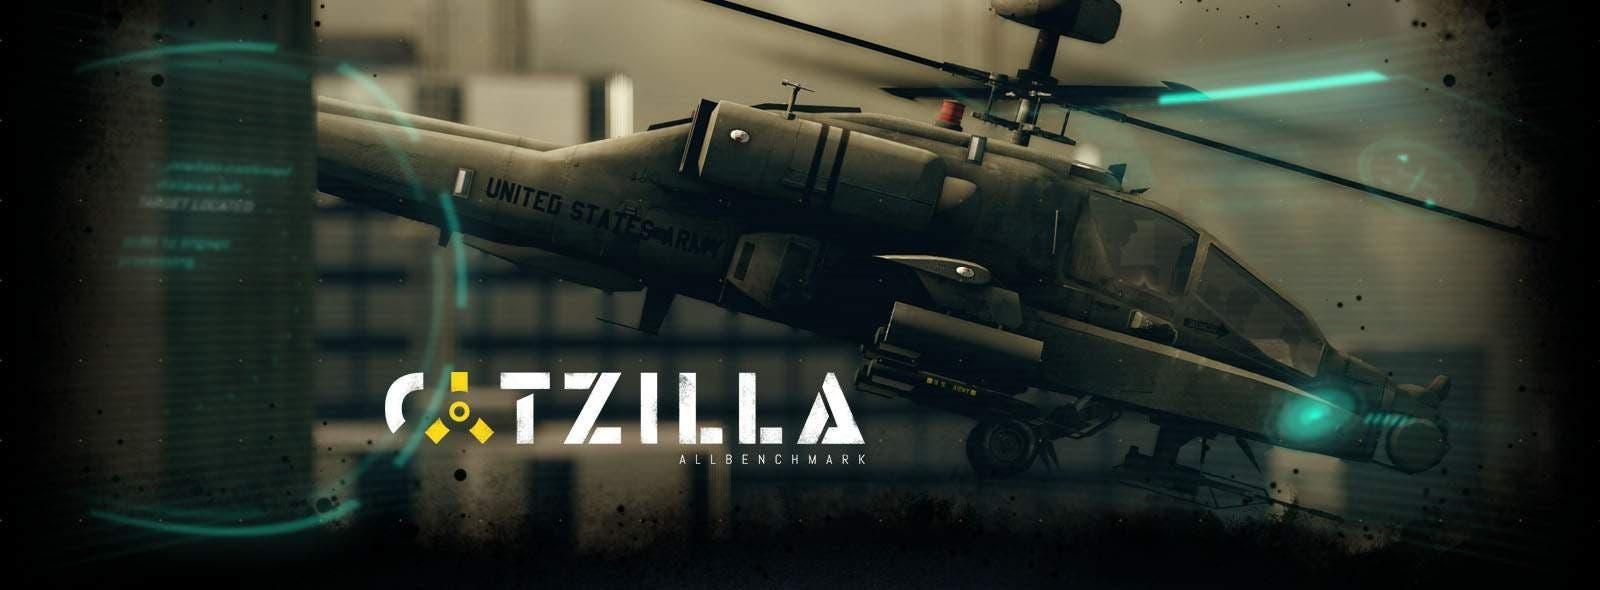 Catzilla featured